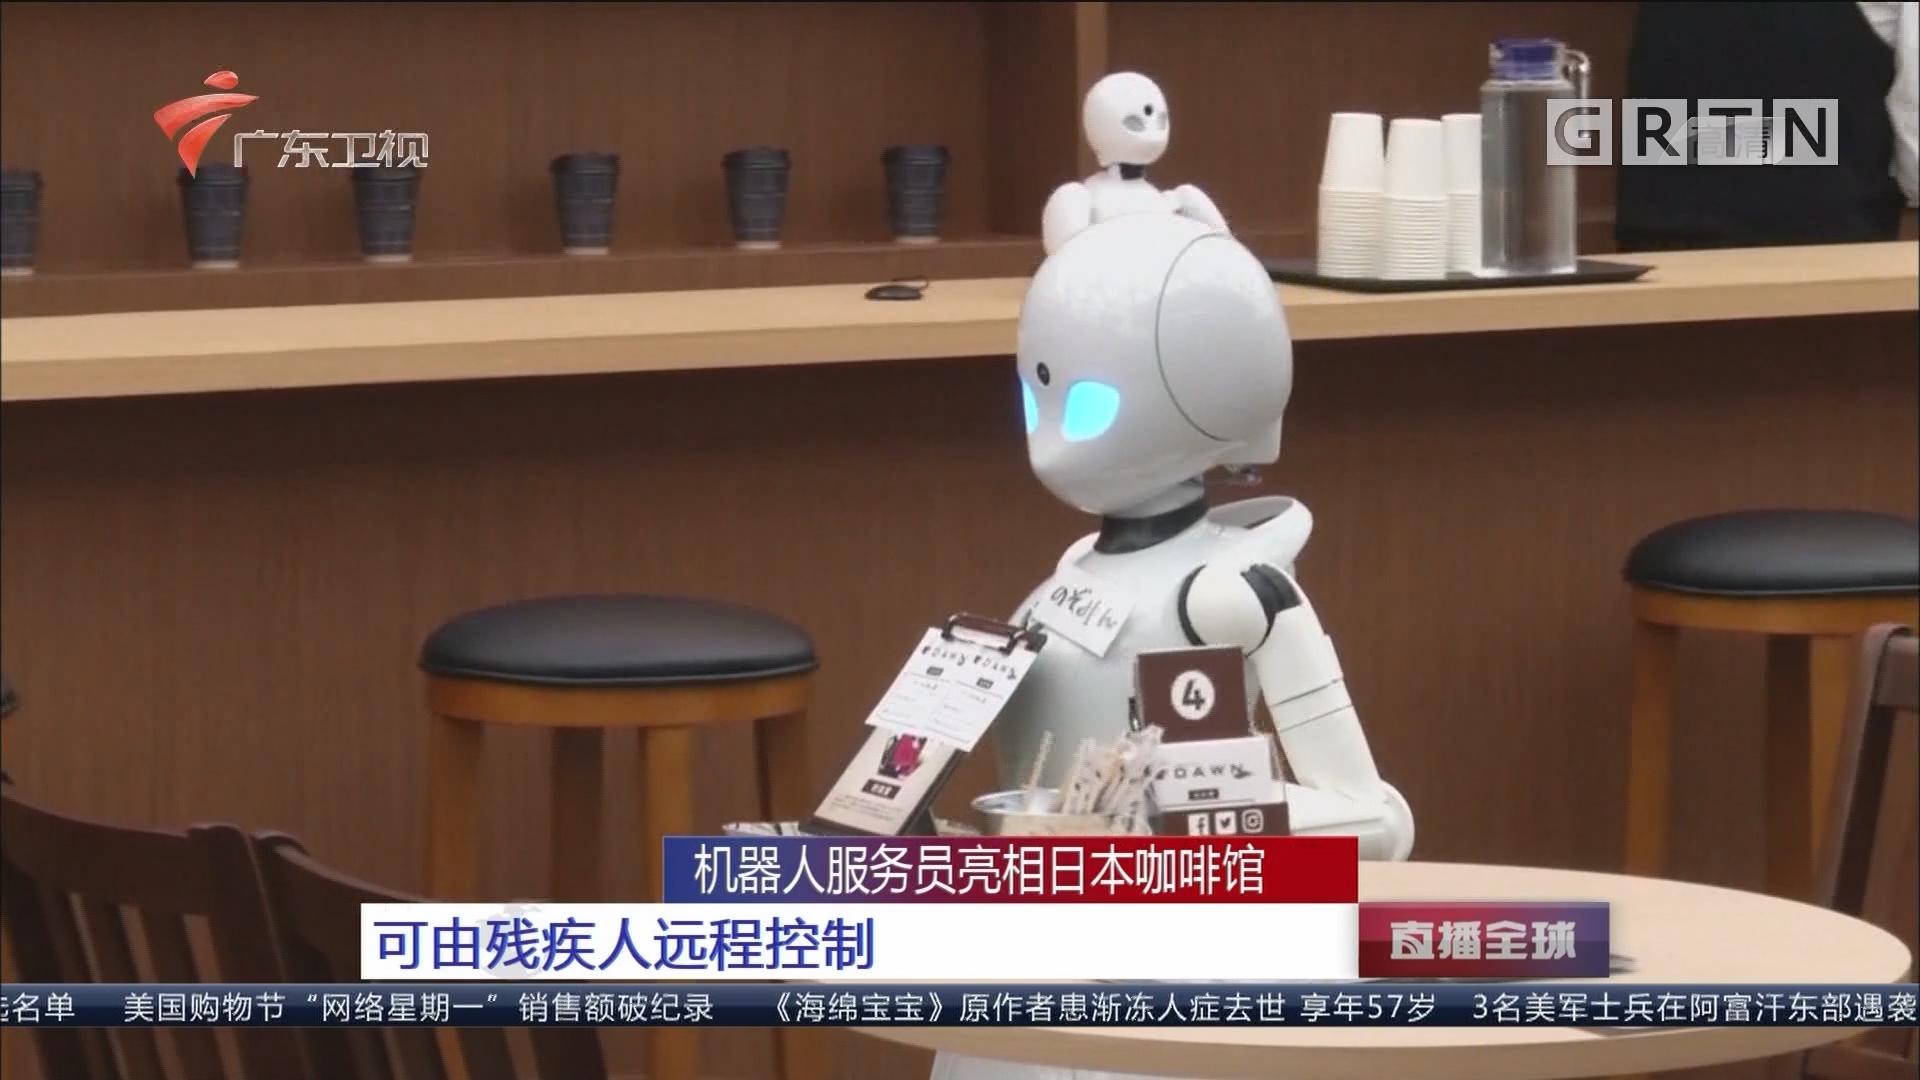 机器人服务员亮相日本咖啡馆:可由残疾人远程控制